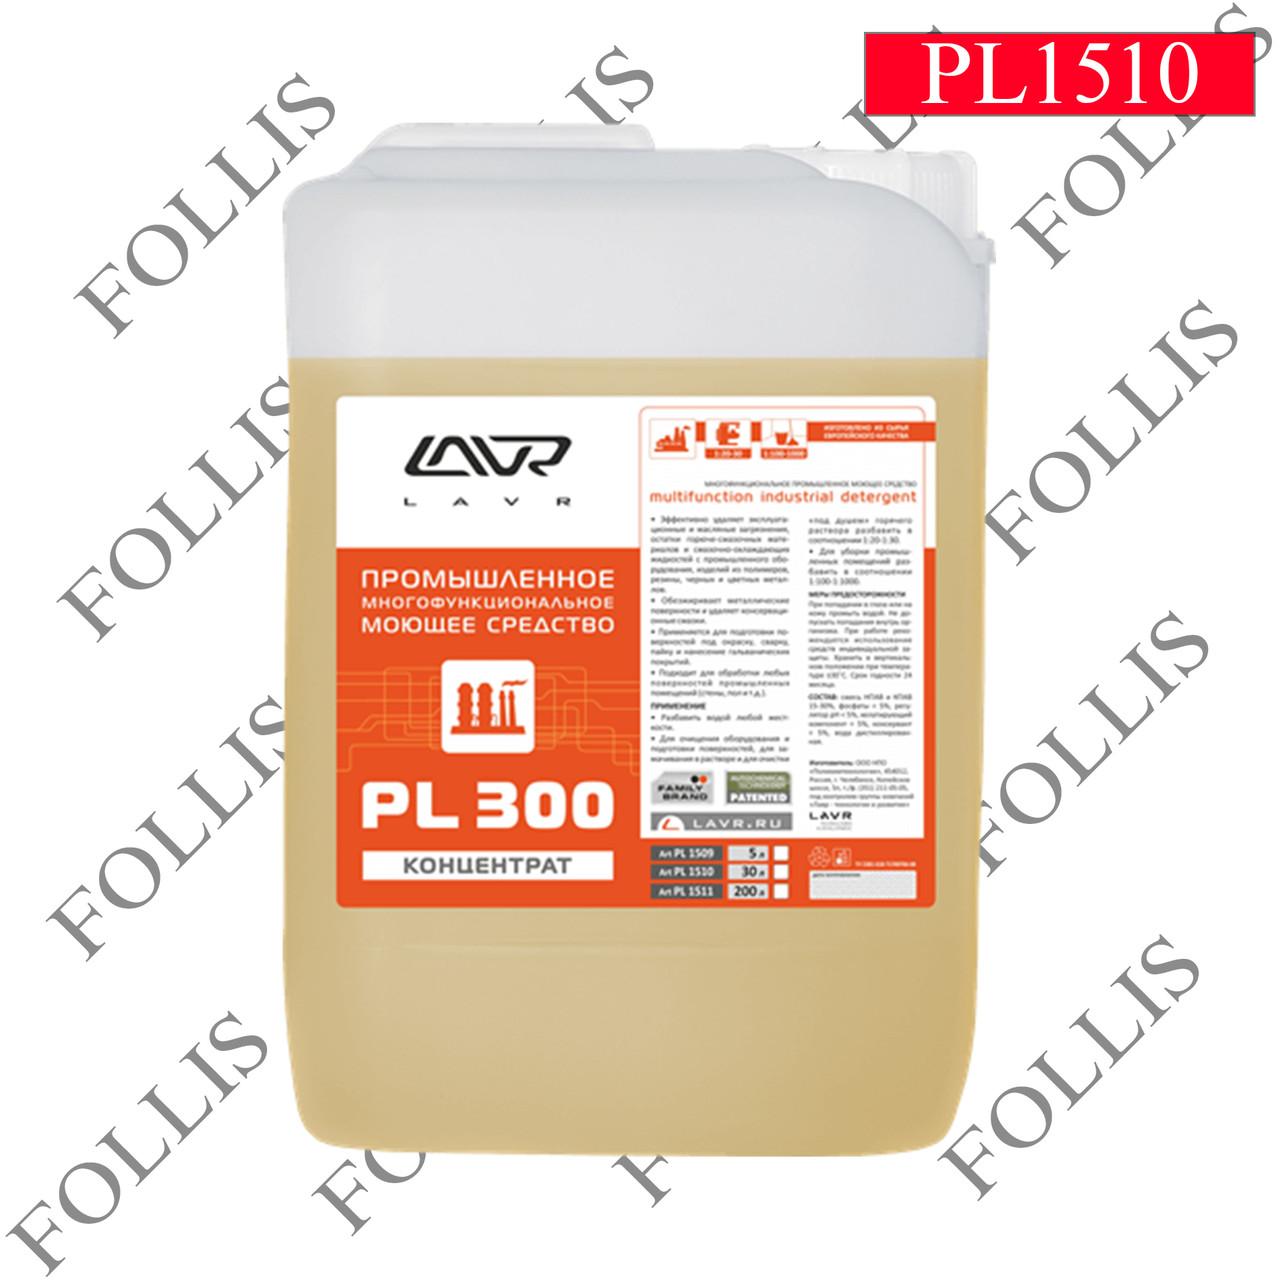 Многофункциональное промышленное моющее средство LAVR PL-300 30л